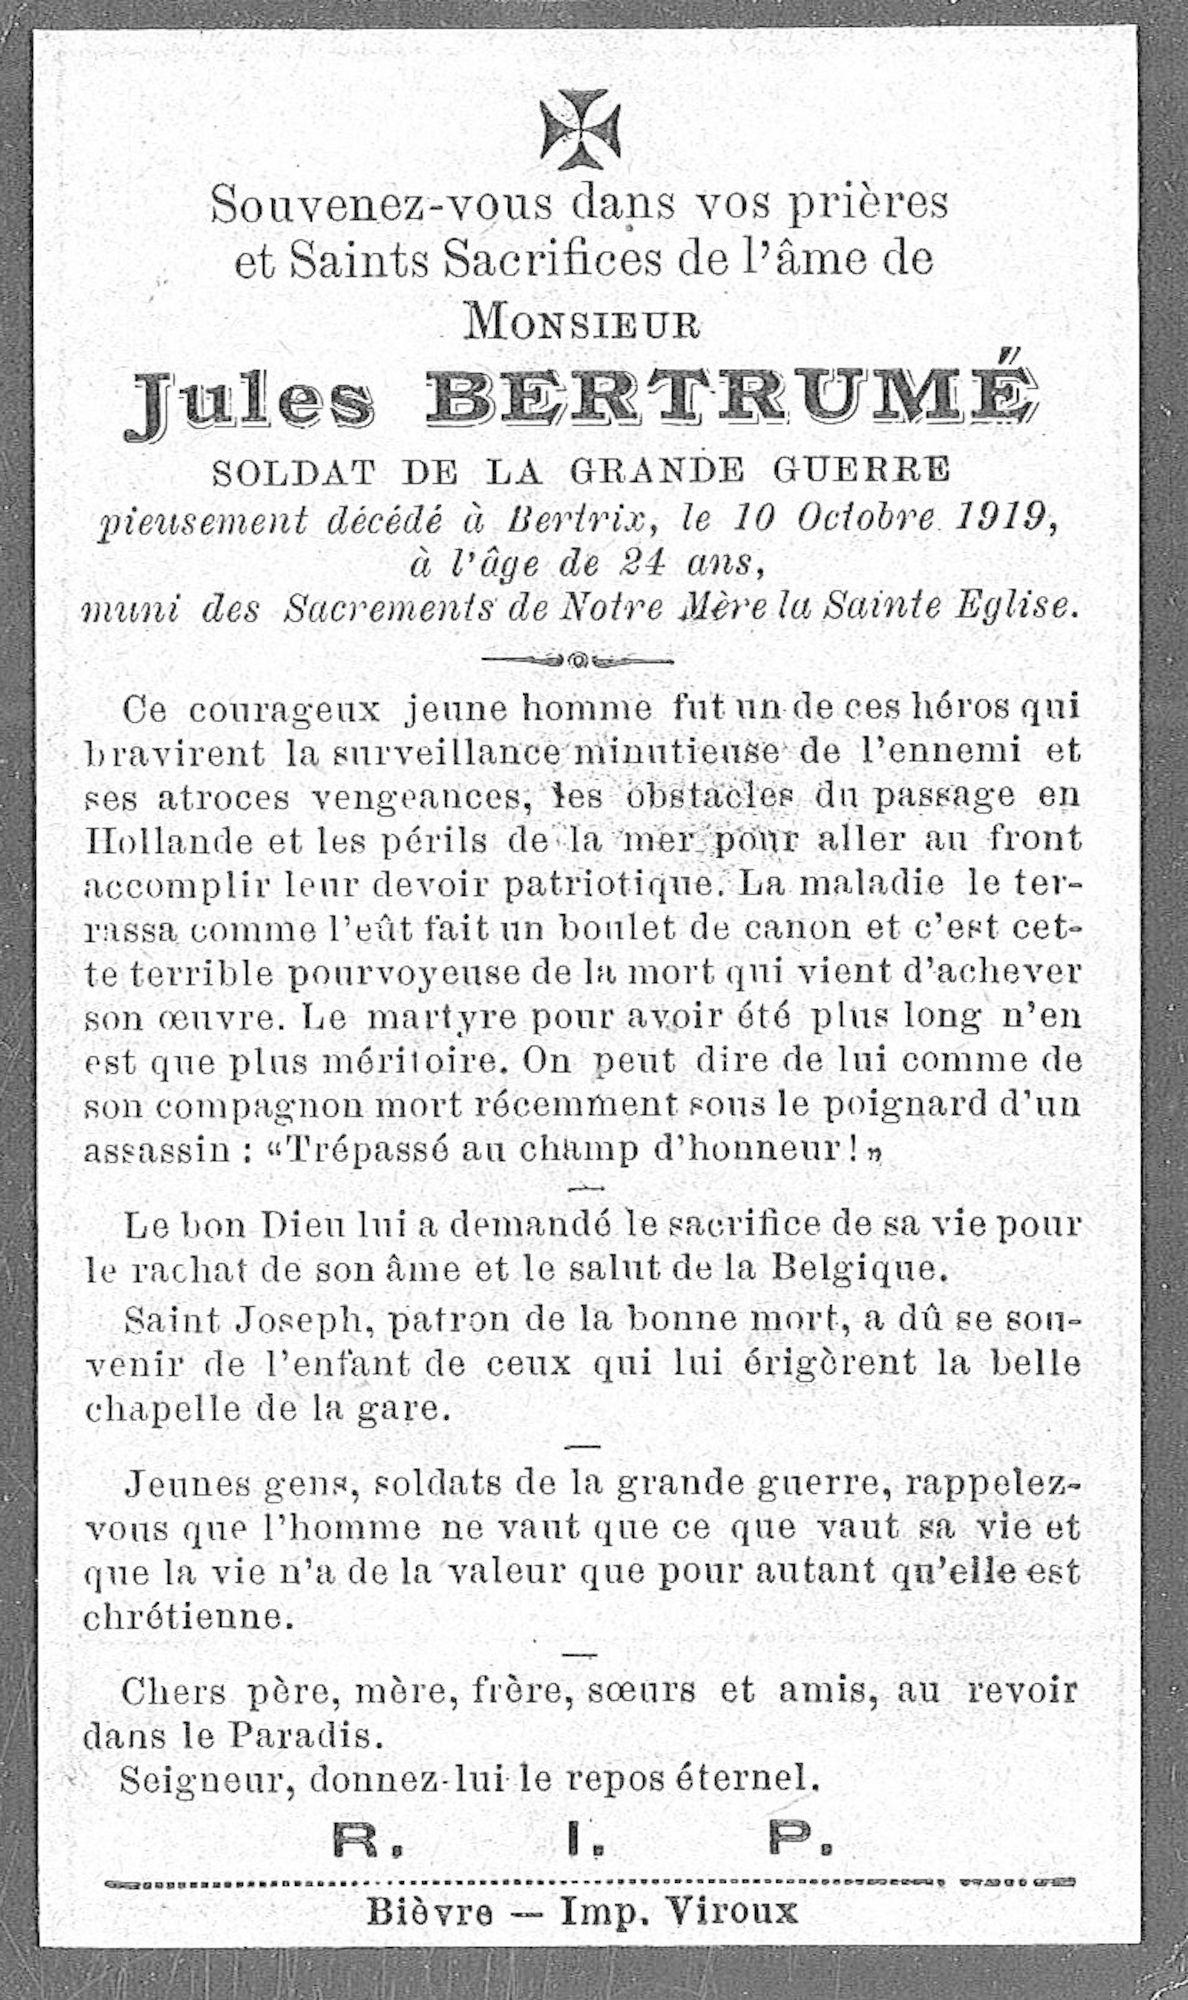 Jules Bertrumé